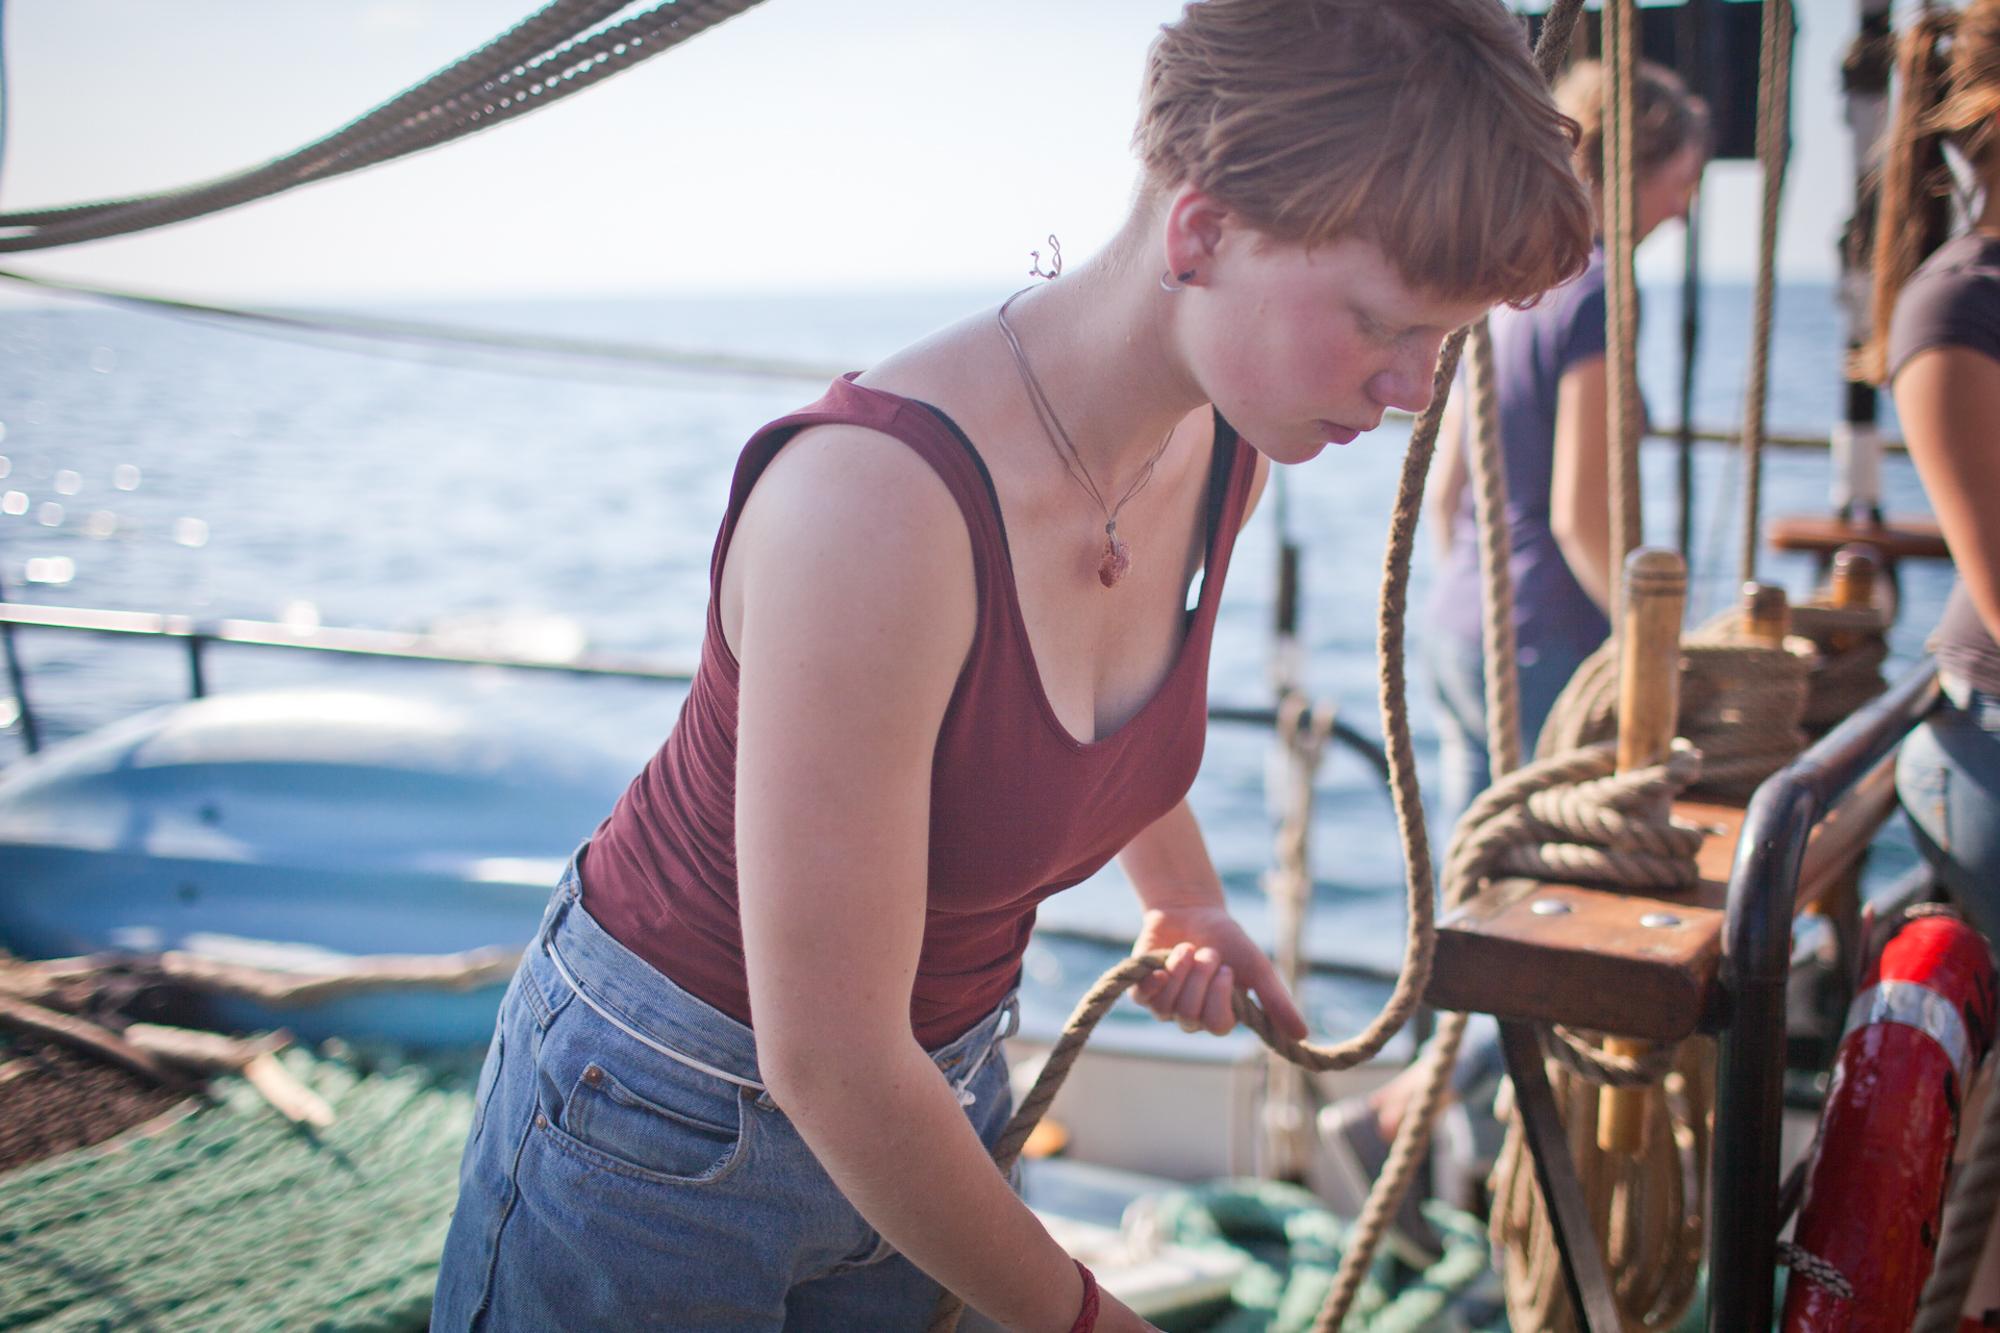 Charlotte  beim Manoeverfahren Charlotte Strauss auf dem Schiff Fridjof Nanson wo sie ihren Ausbildungsturn om 31. 7 bis 5. 8 absolviert. Fotograf: Evi Lemberger